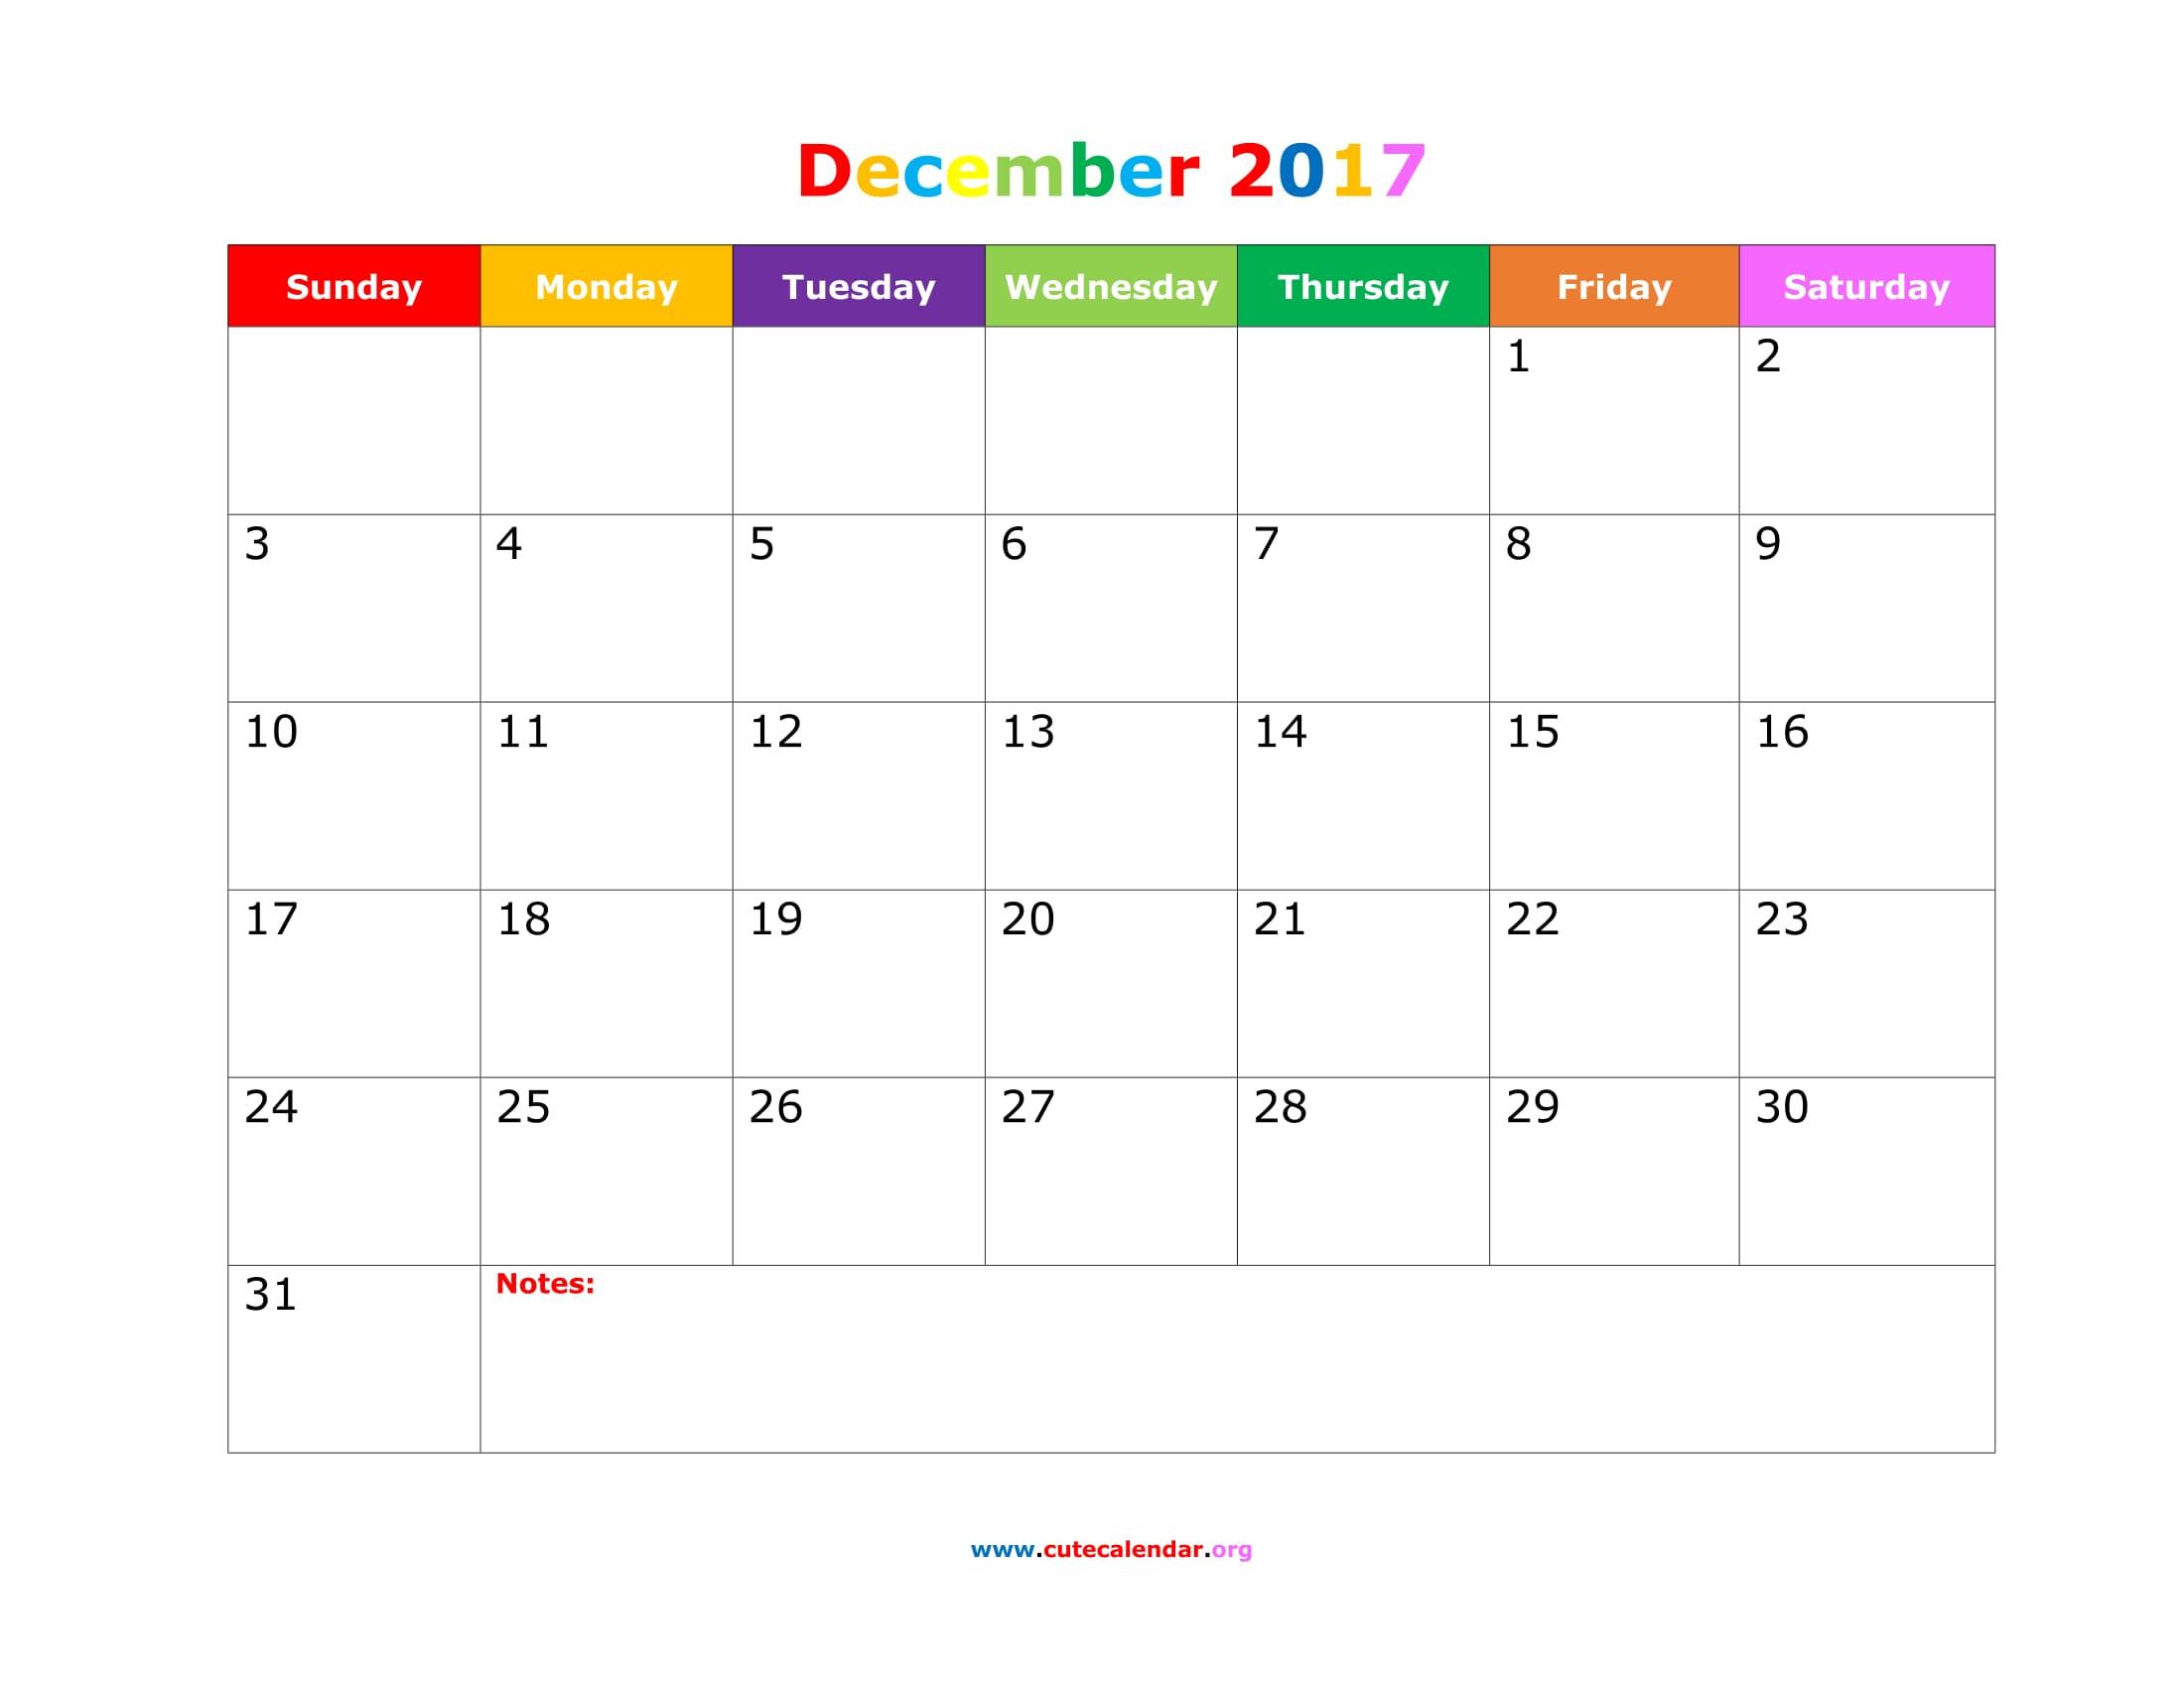 December 2017 Calendar Cute | weekly calendar template